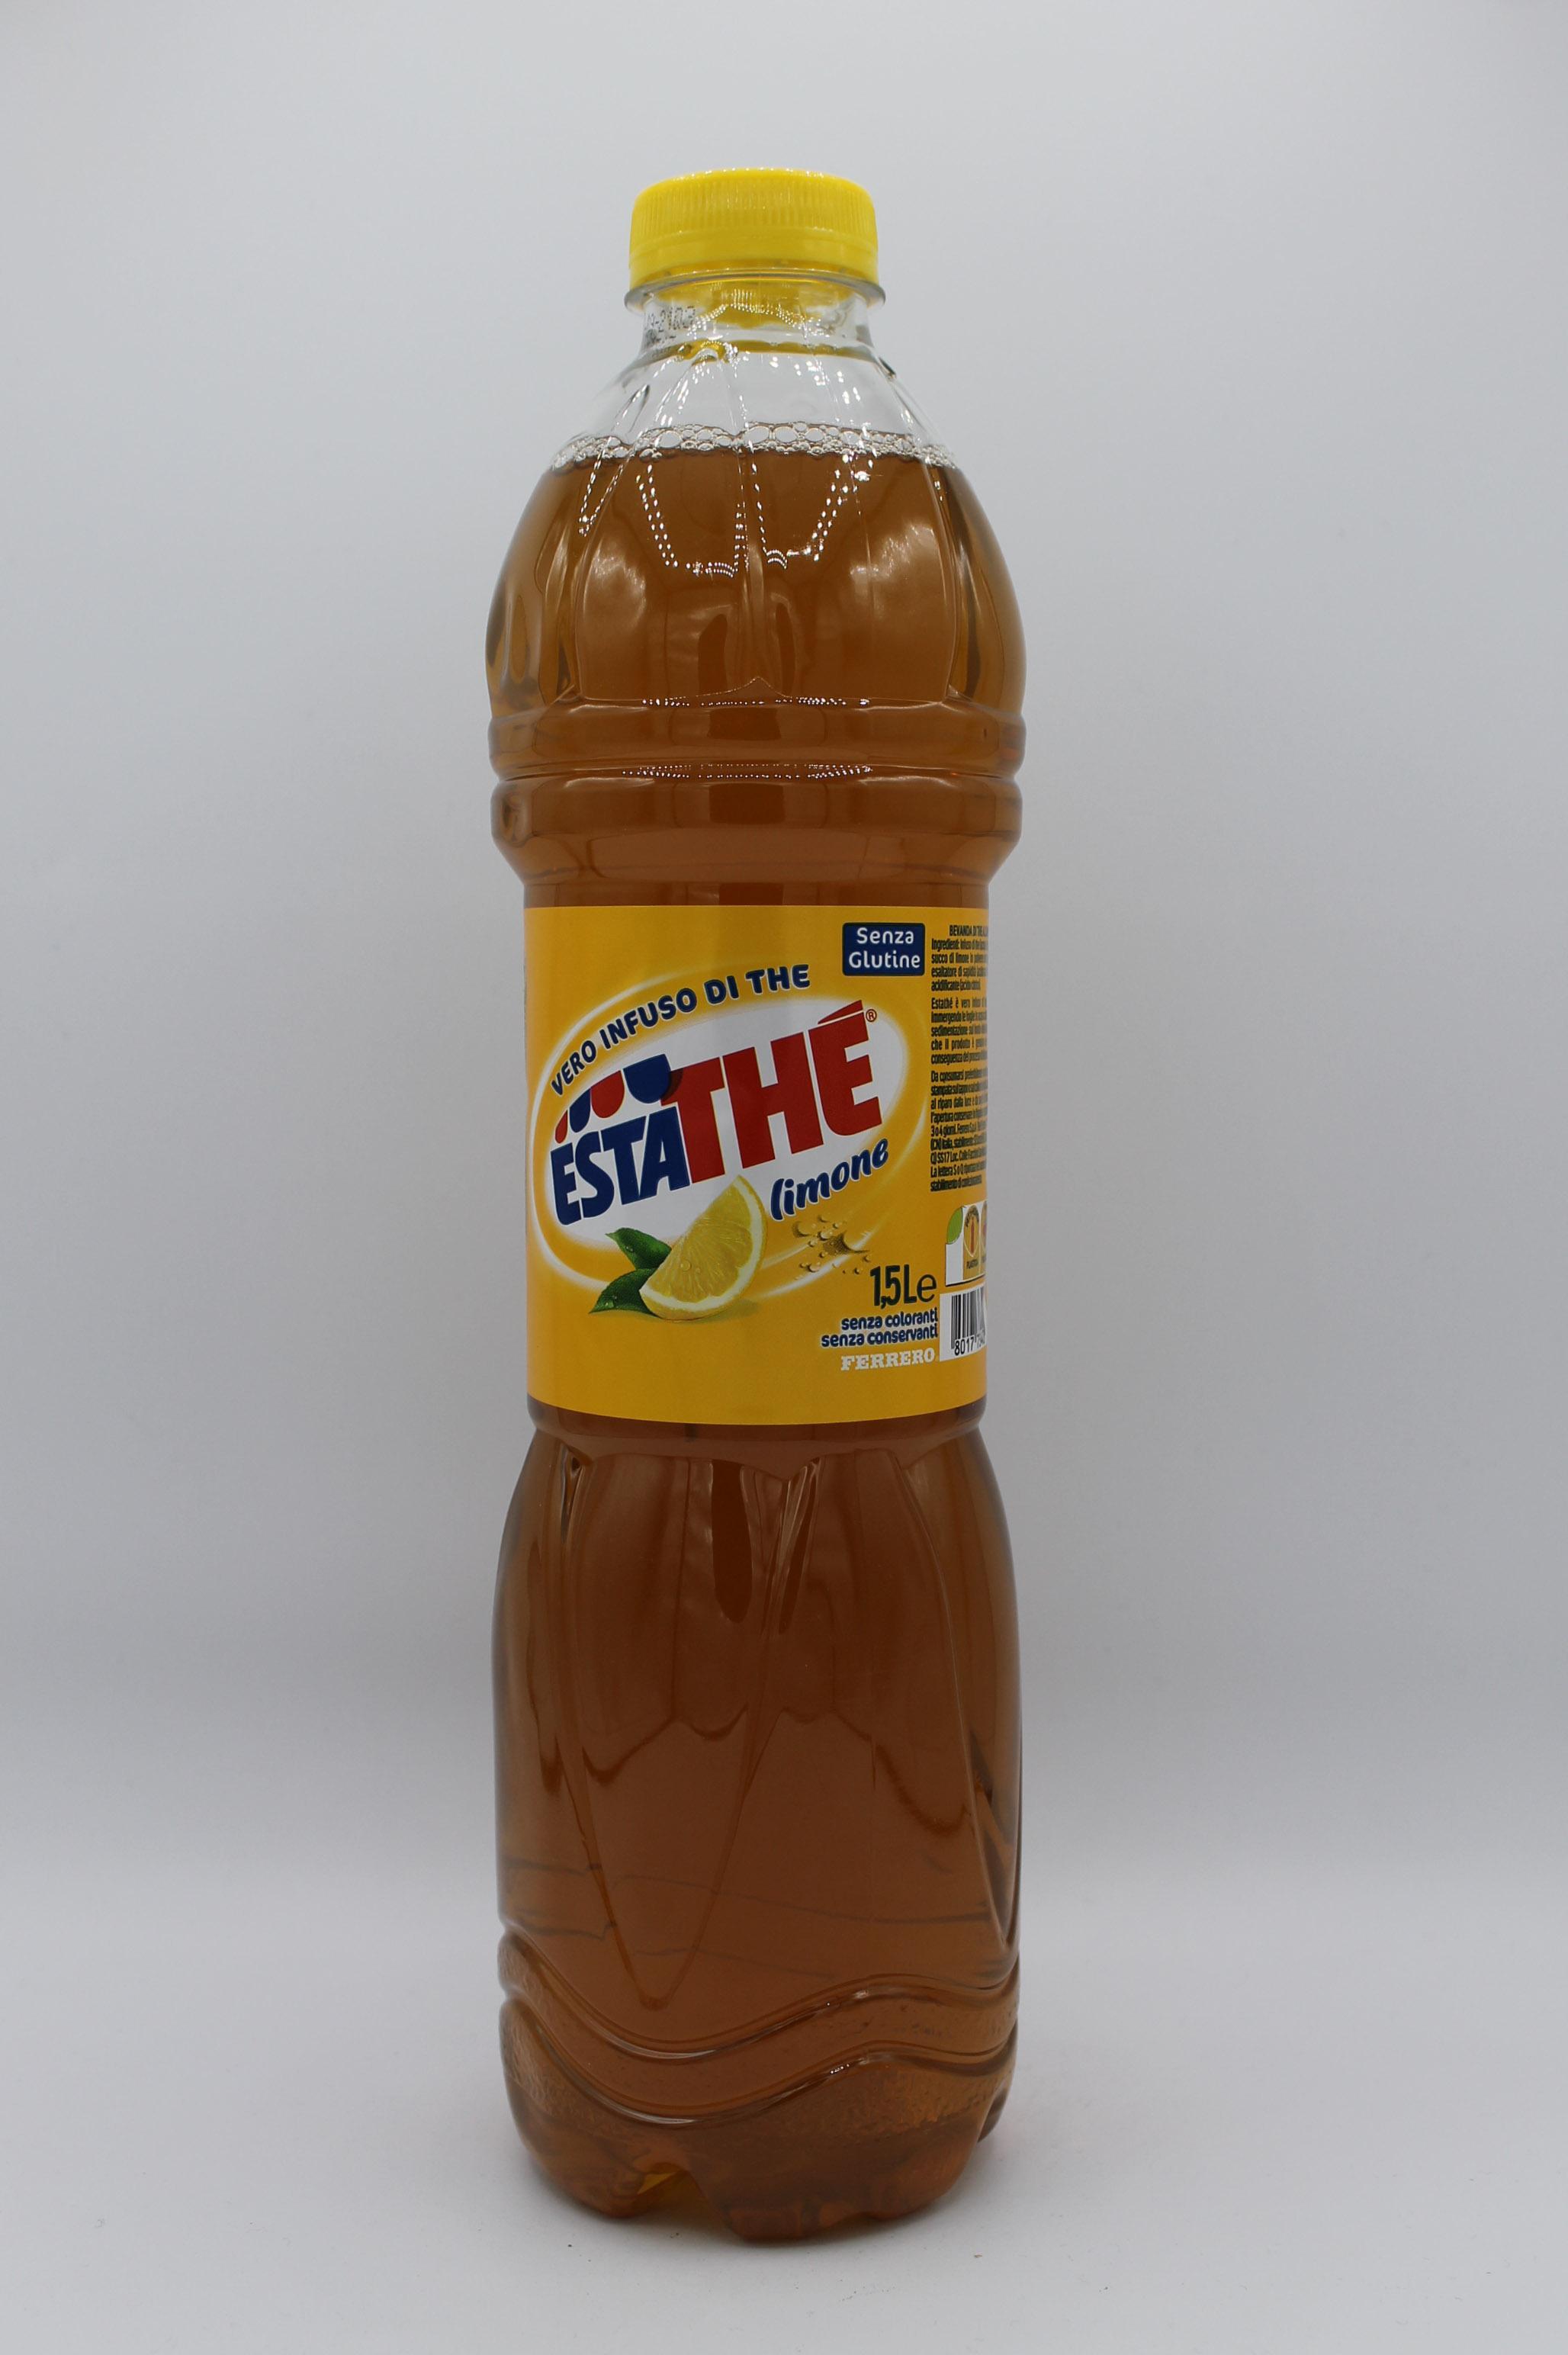 Estathè bottiglia 1,5lt vari gusti.